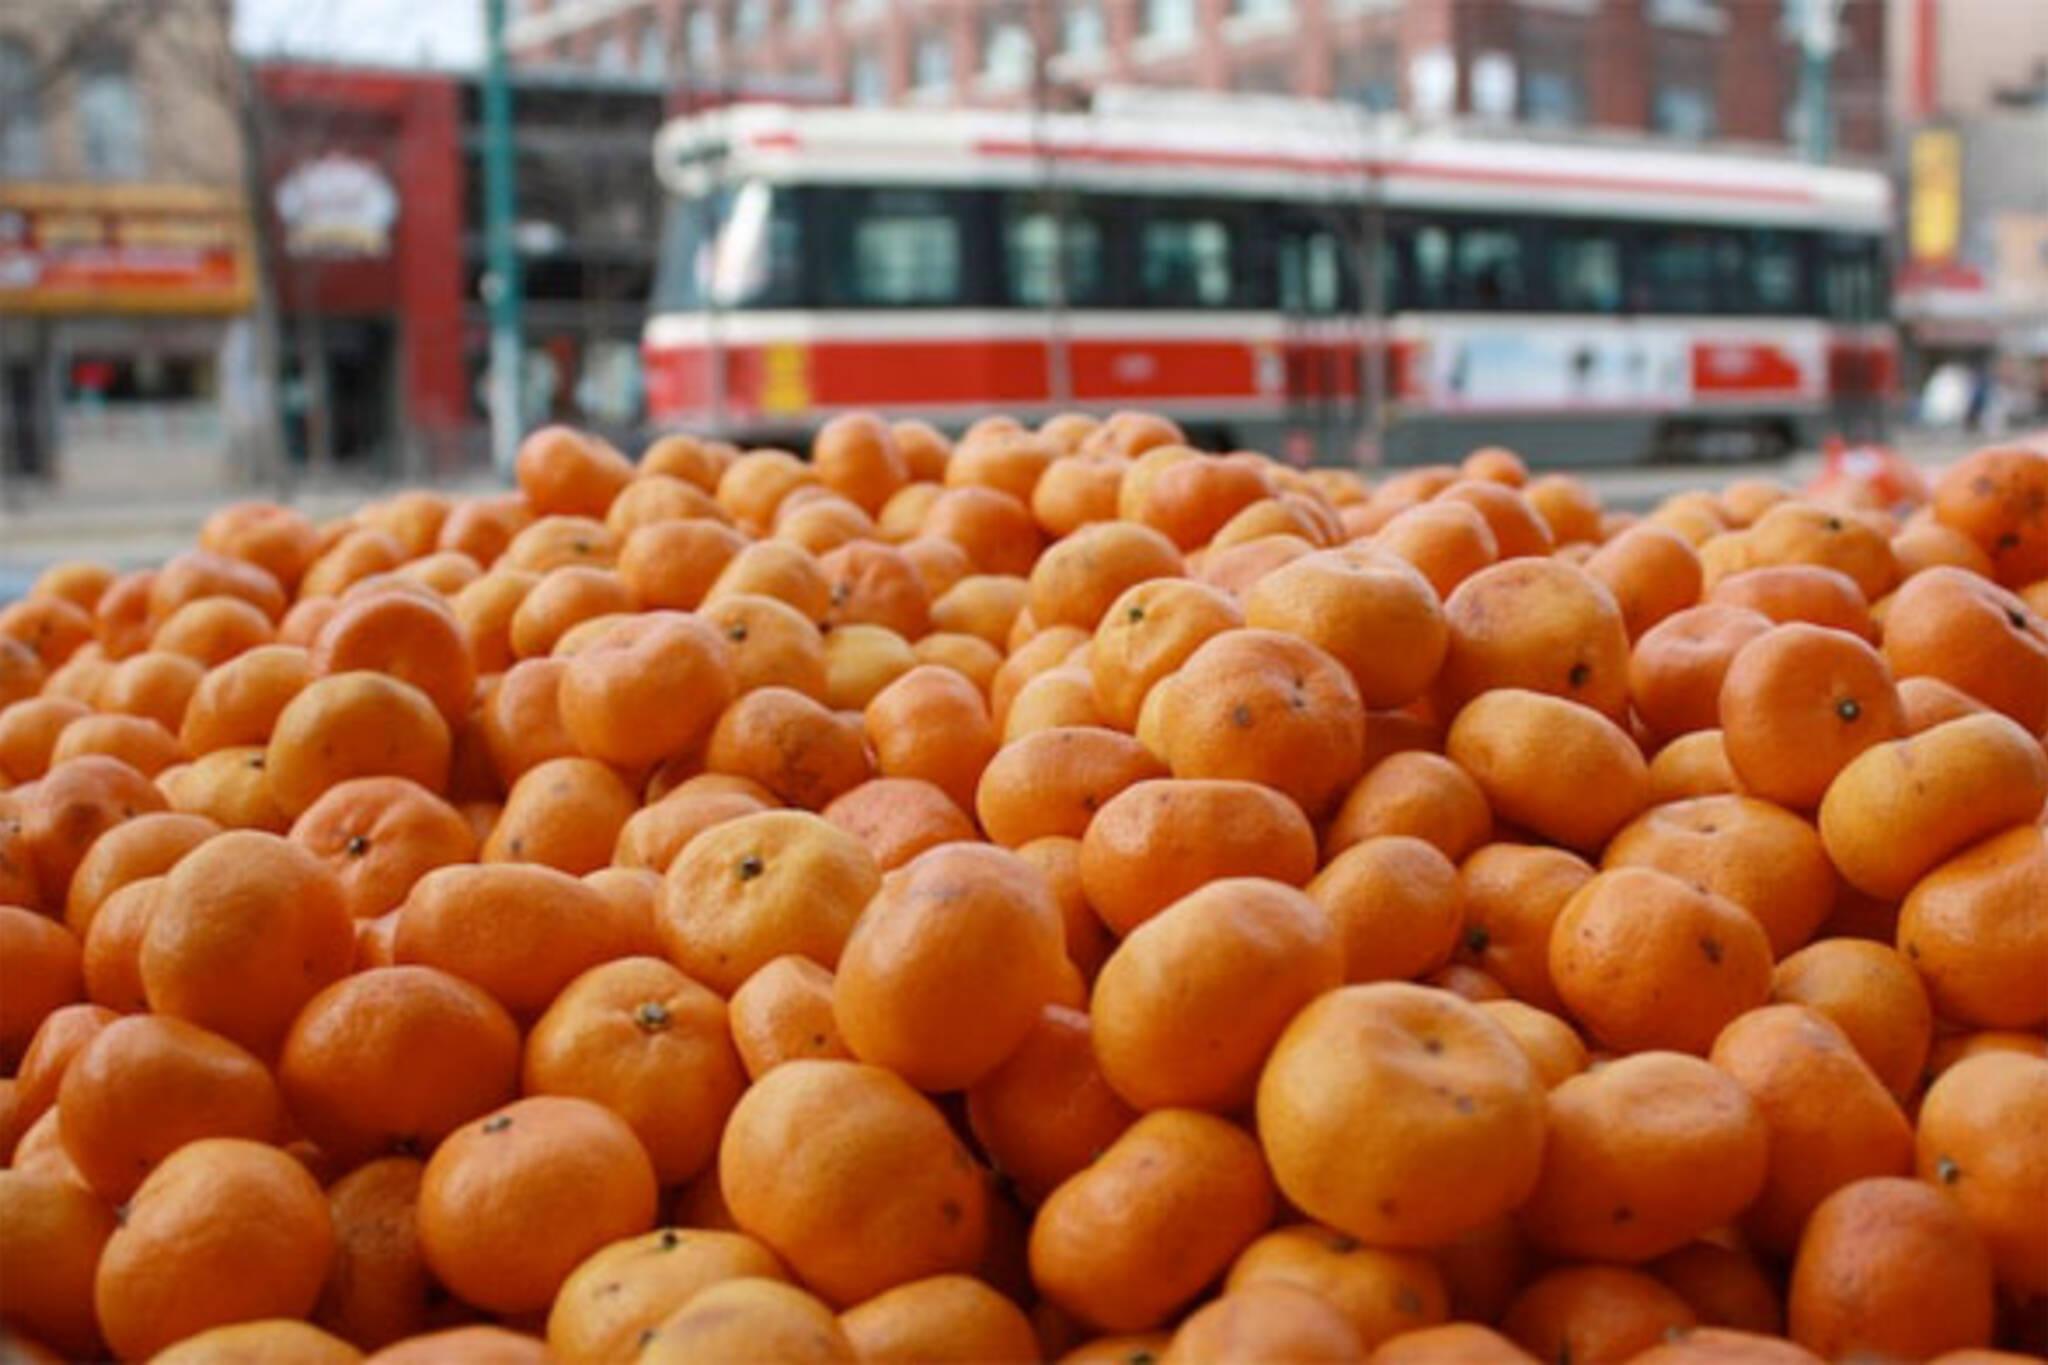 oranges streetcar